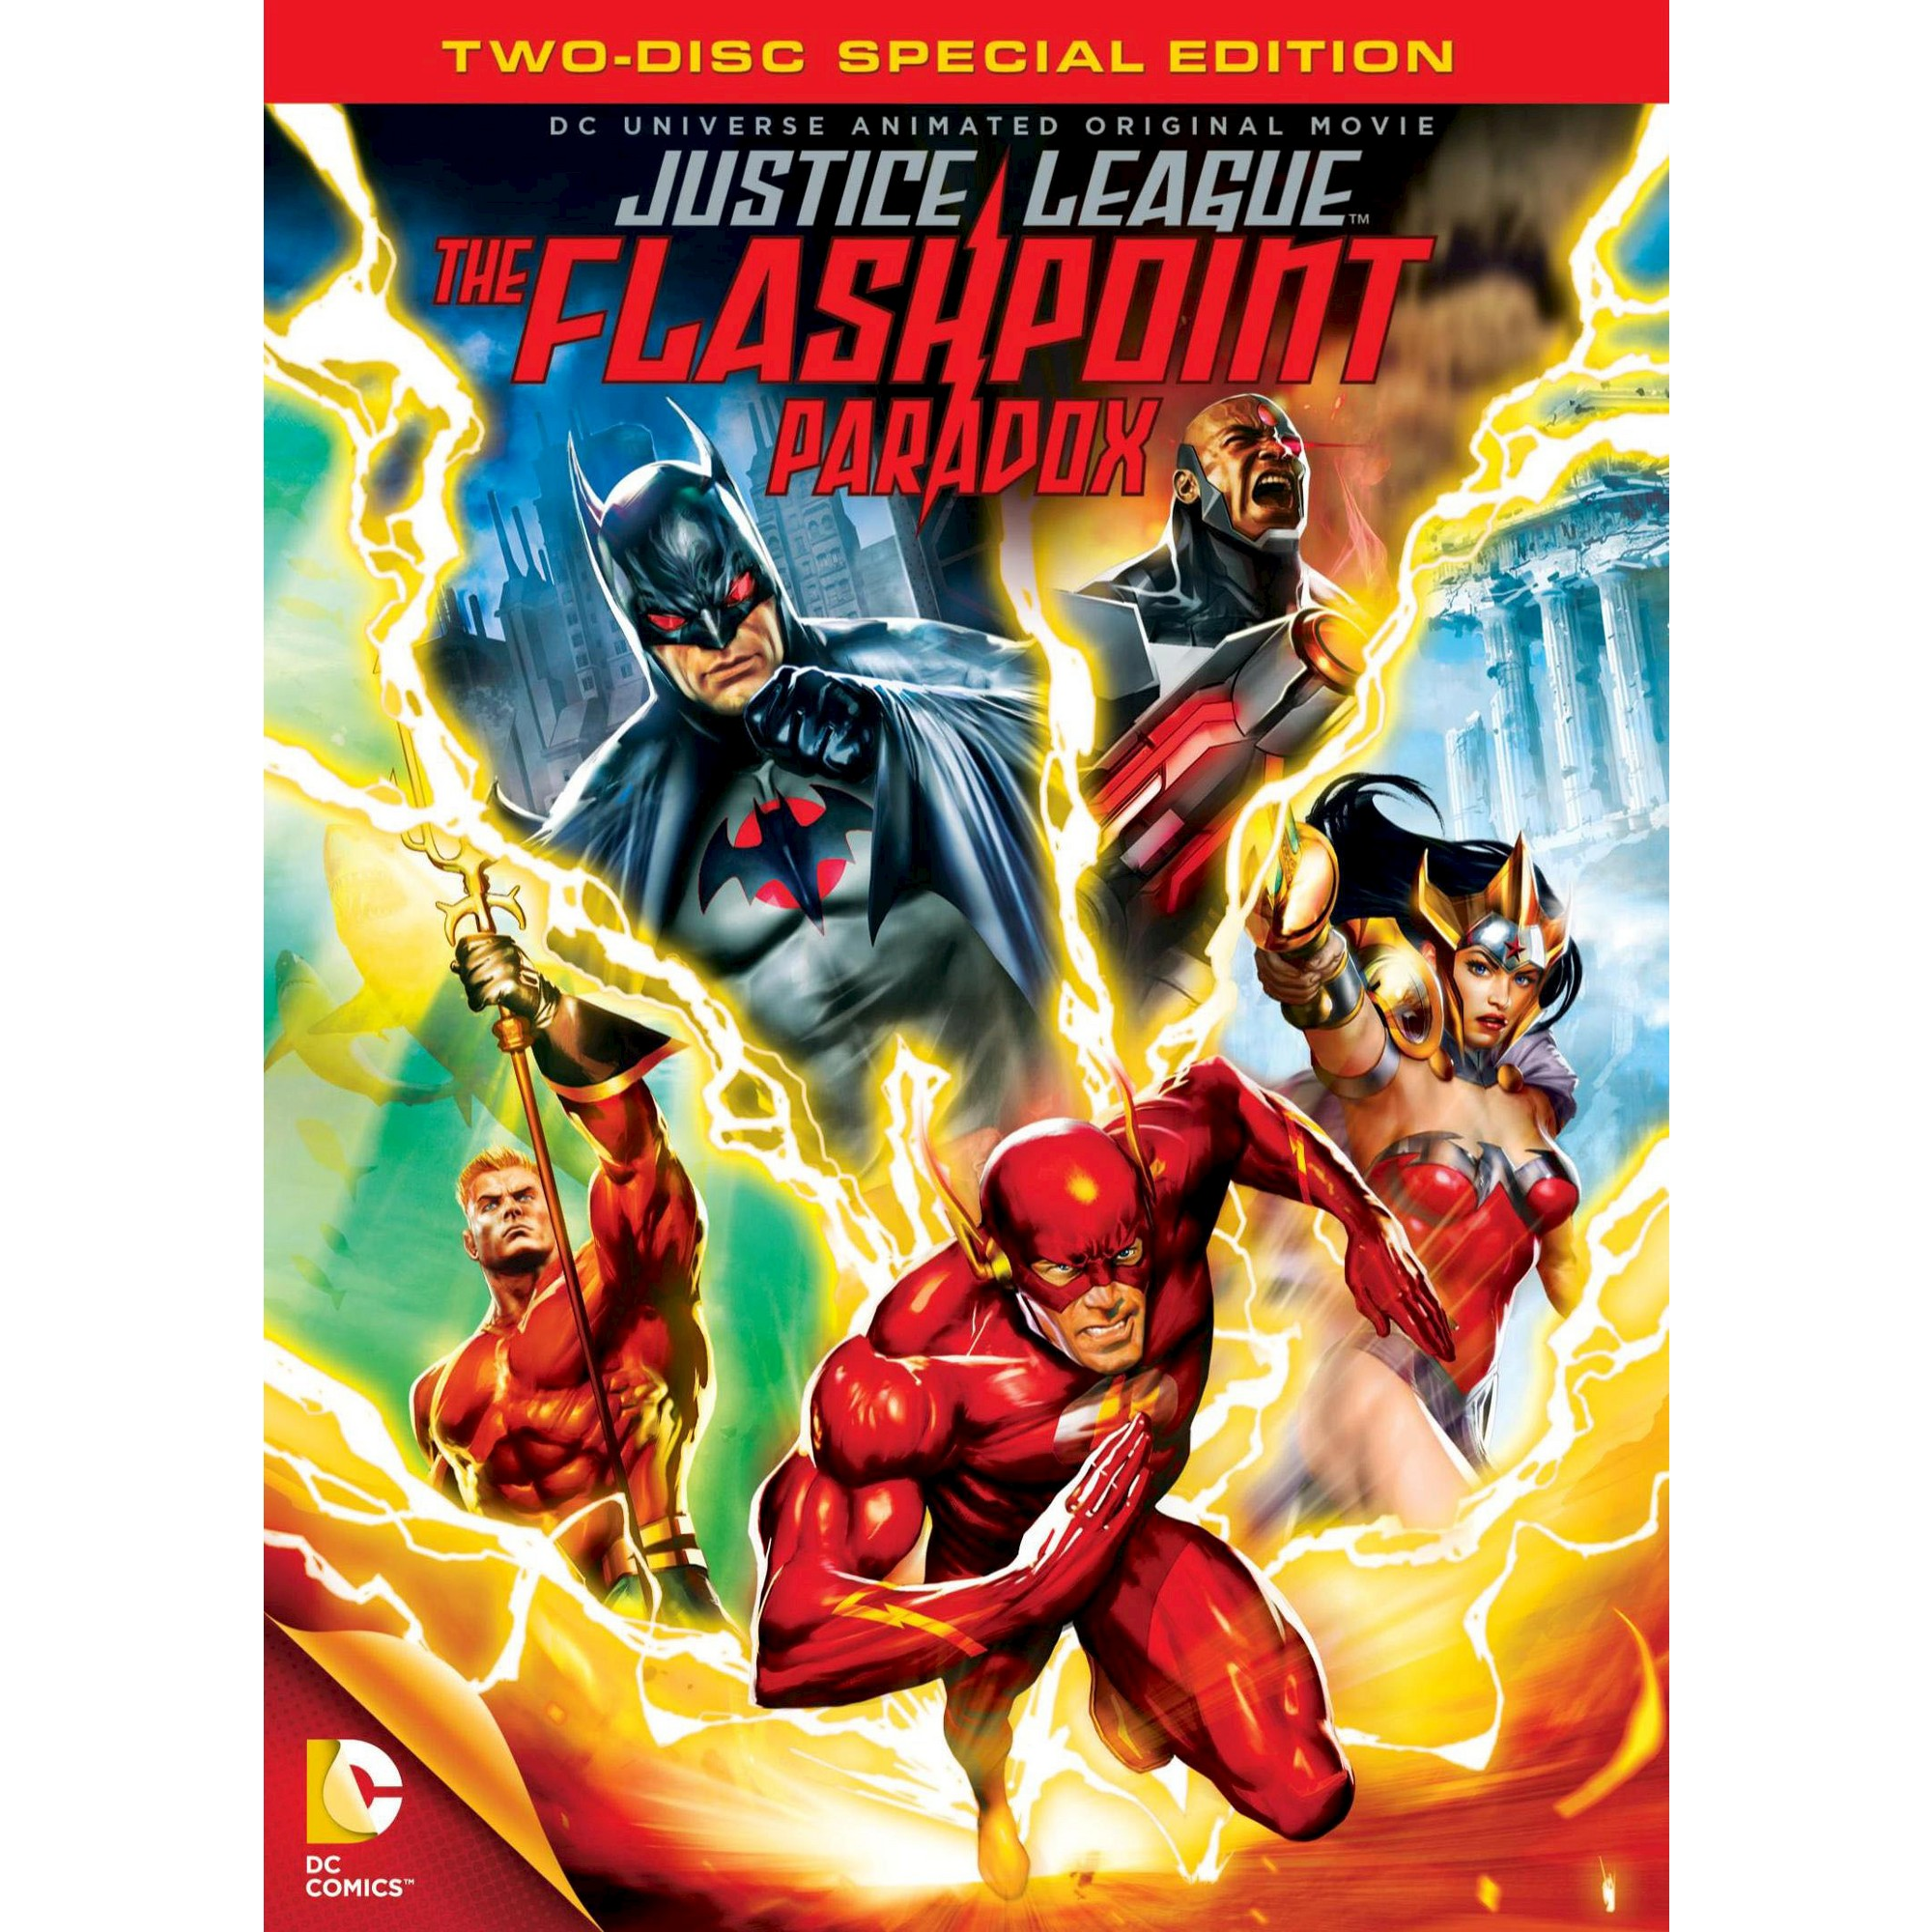 Justice League The Flashpoint Paradox Dvd 2013 Ponto De Ignicao Filmes De Animacao Paradoxo